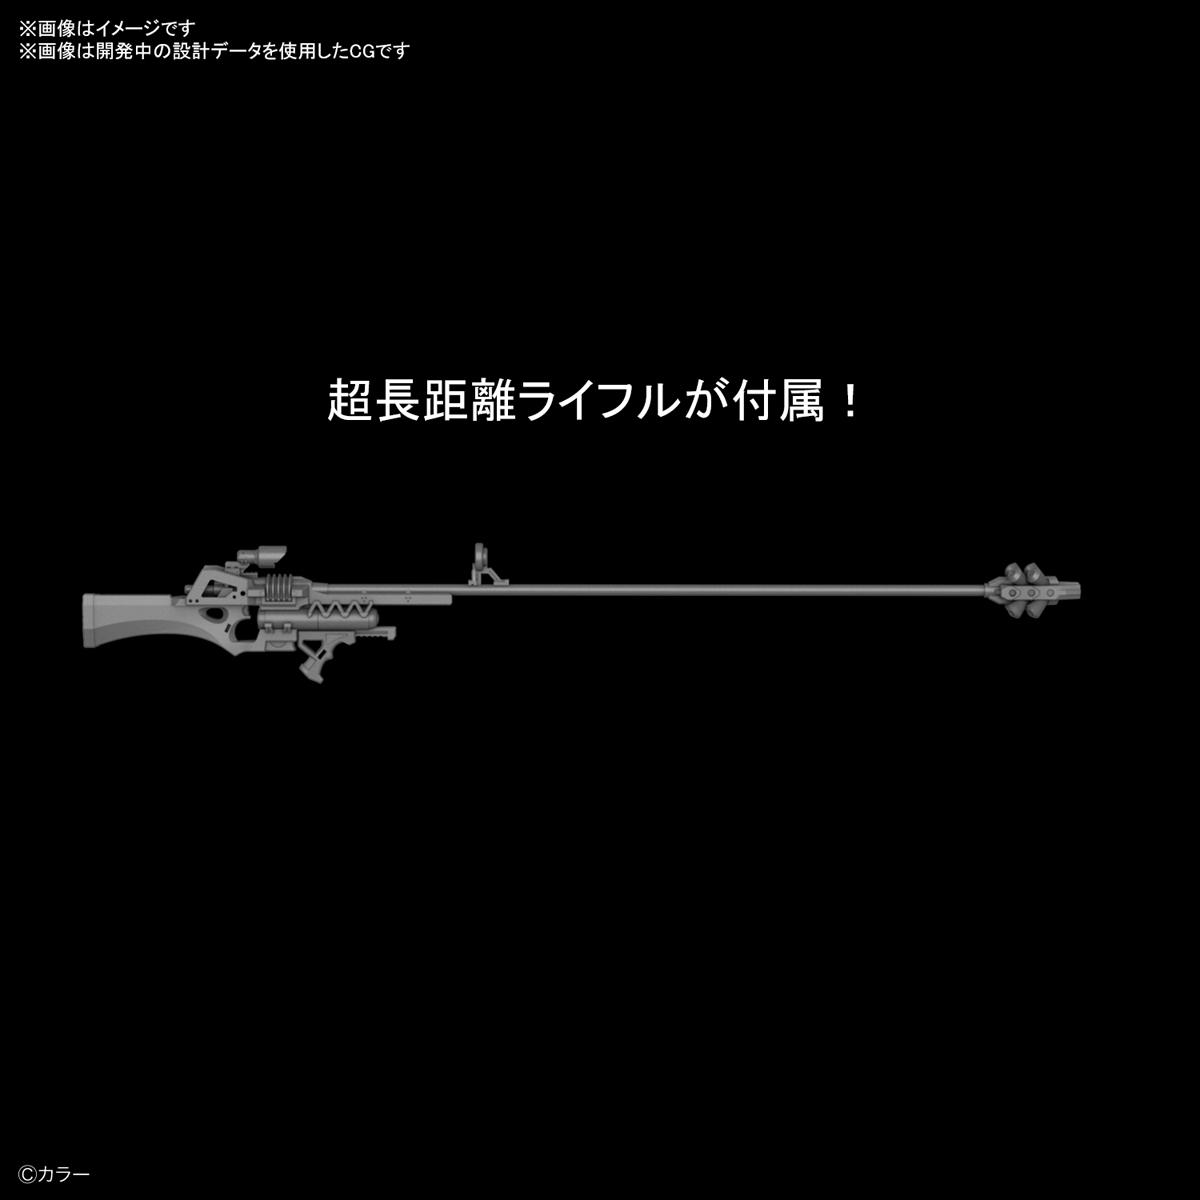 RG『汎用ヒト型決戦兵器 人造人間エヴァンゲリオン 正規実用型(ヴィレカスタム)8号機α』プラモデル-006